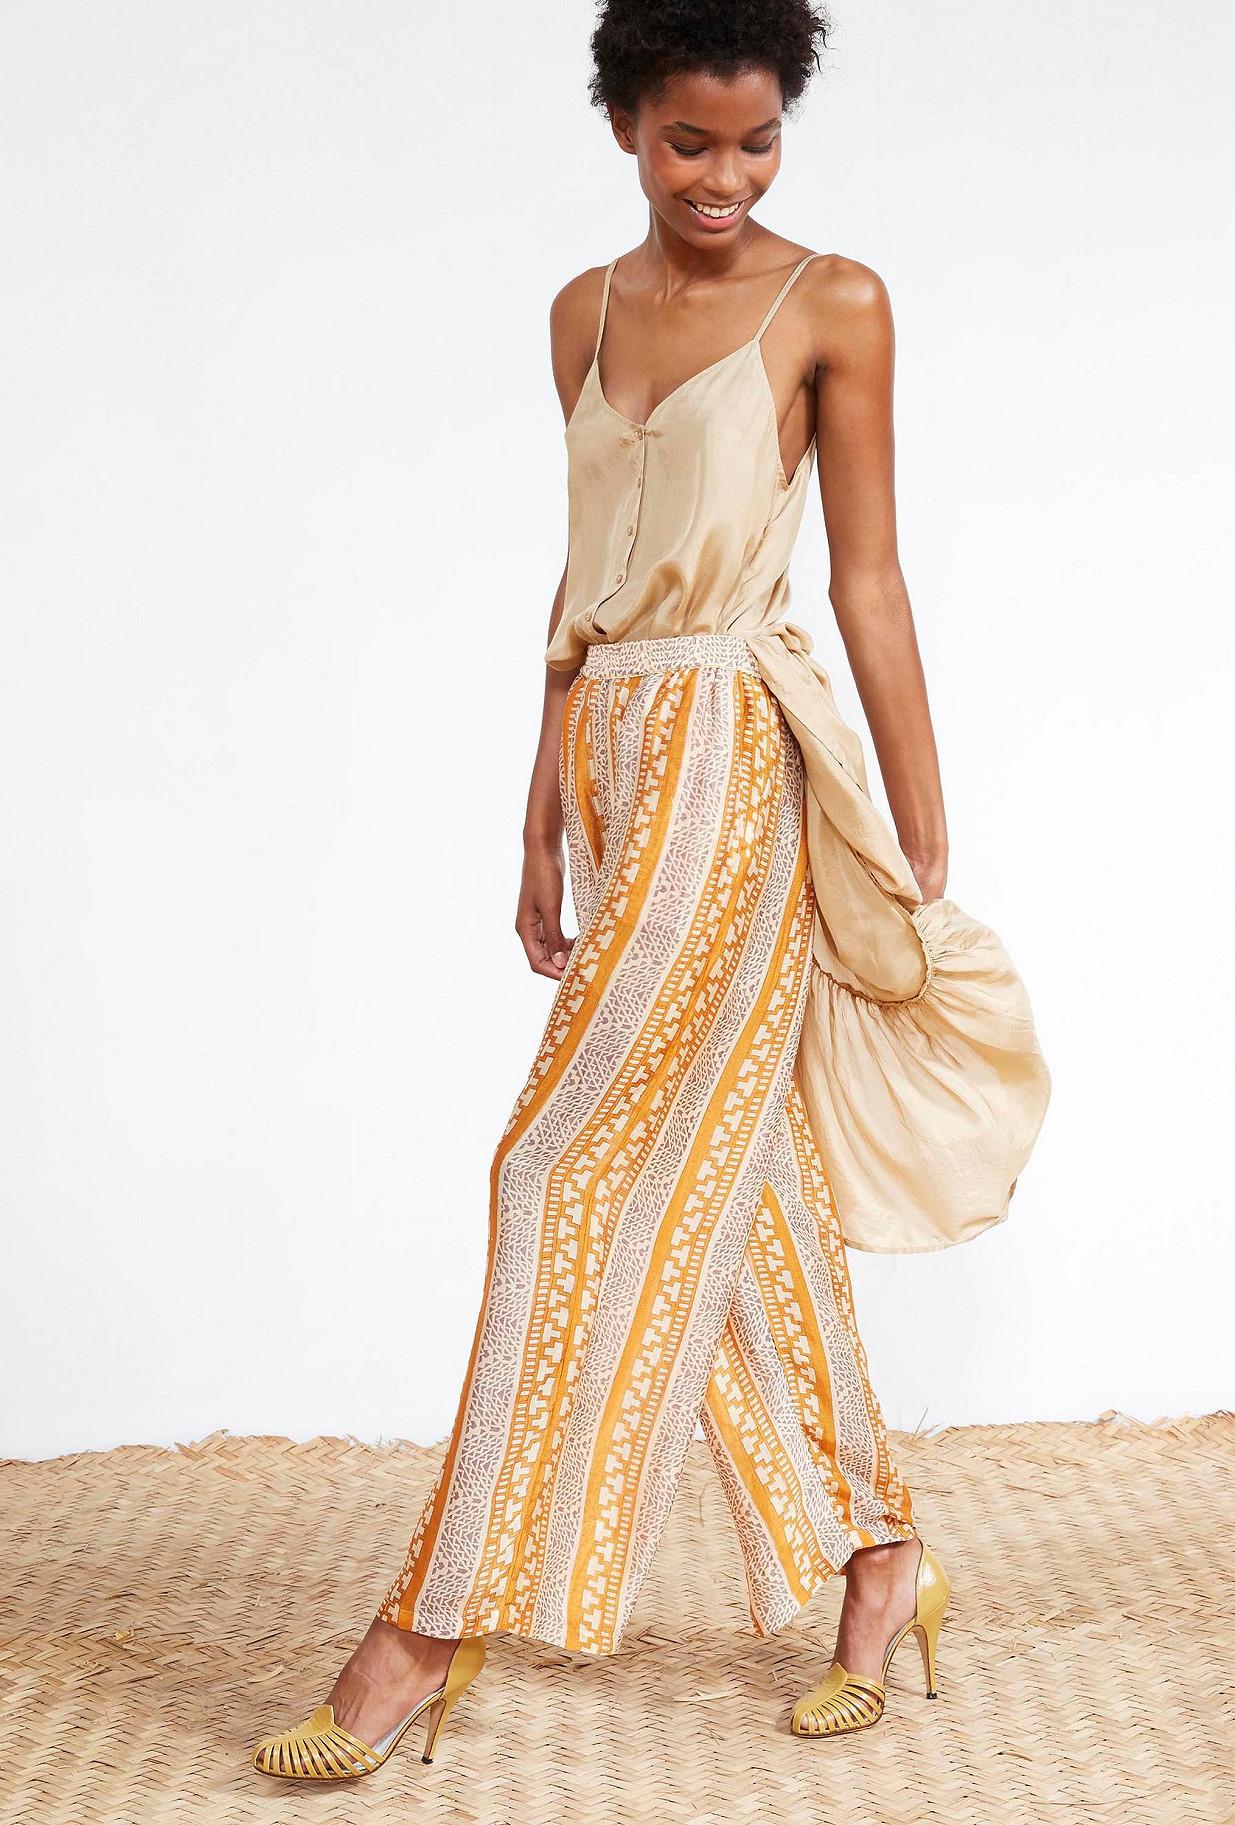 Sapphire print  PANTS  Sudaan Mes demoiselles fashion clothes designer Paris